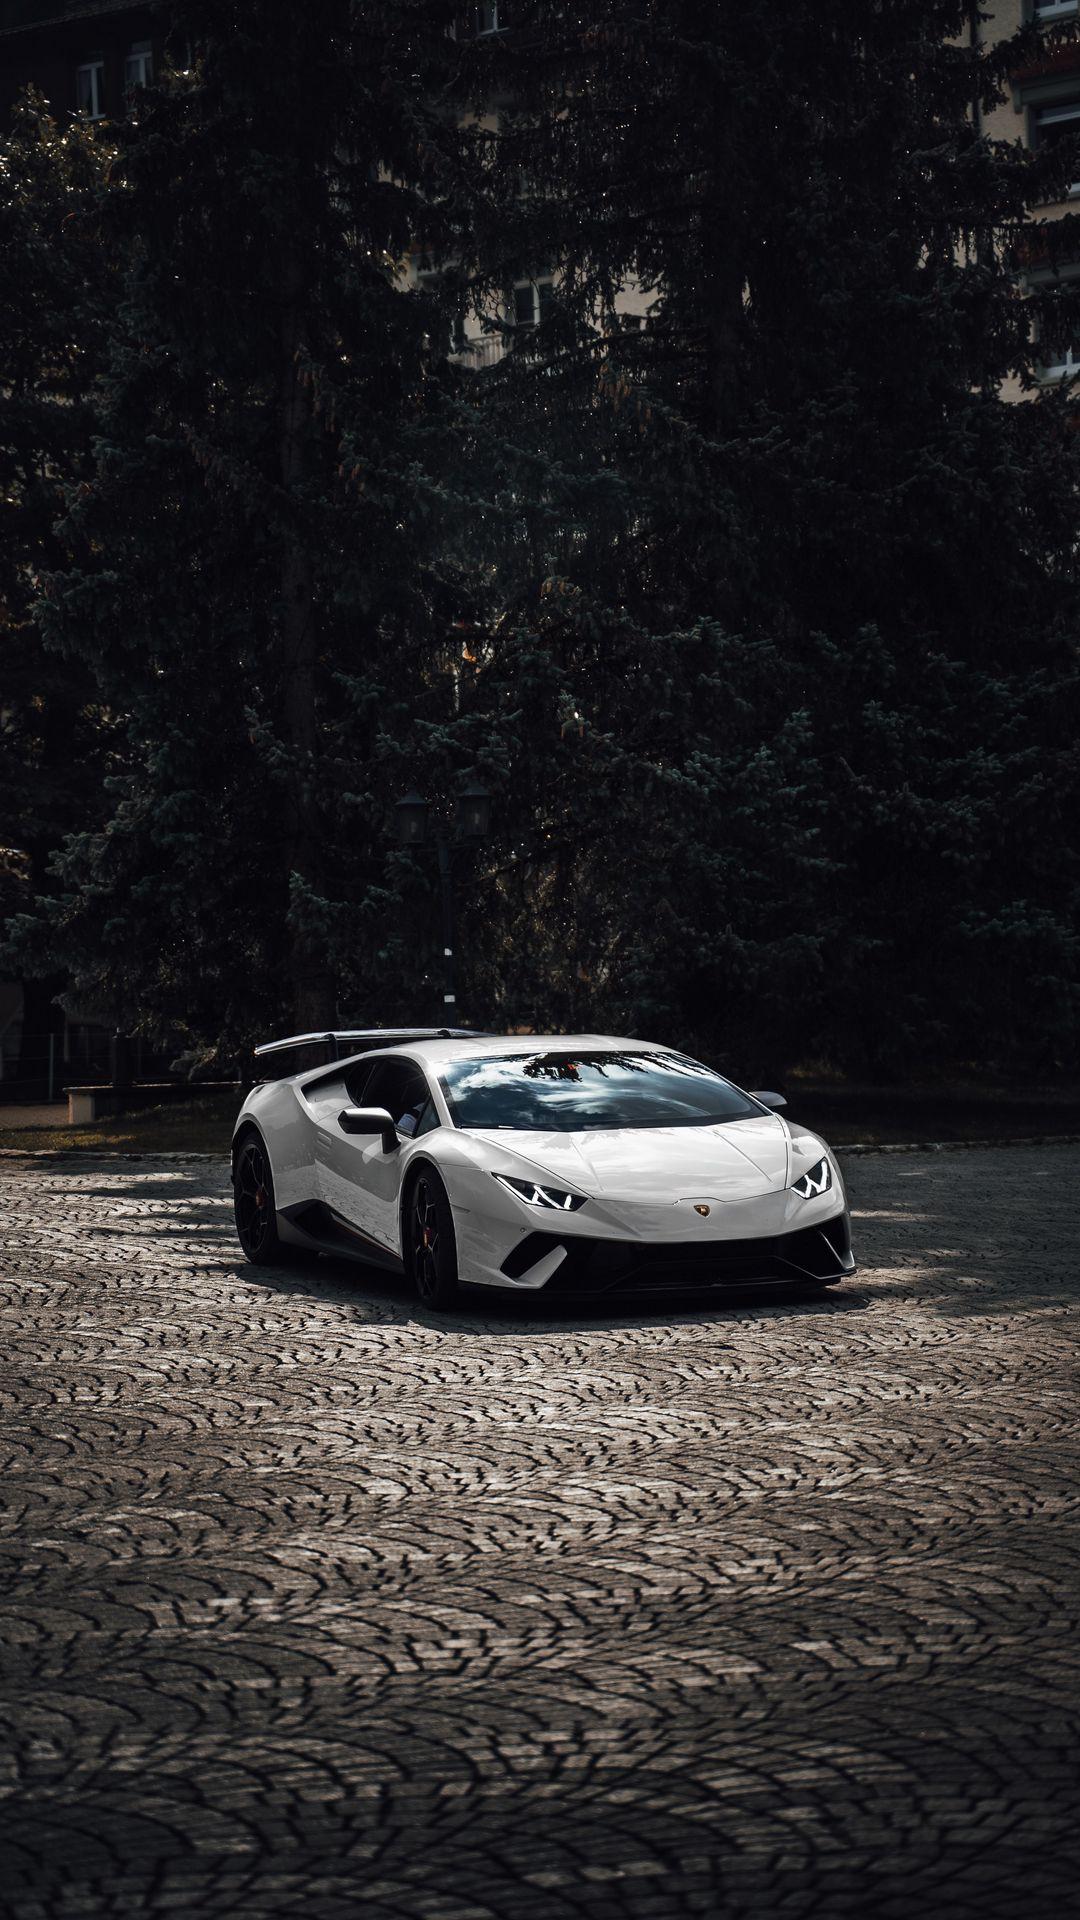 Best HD Lamborghini Wallpapers Free Download